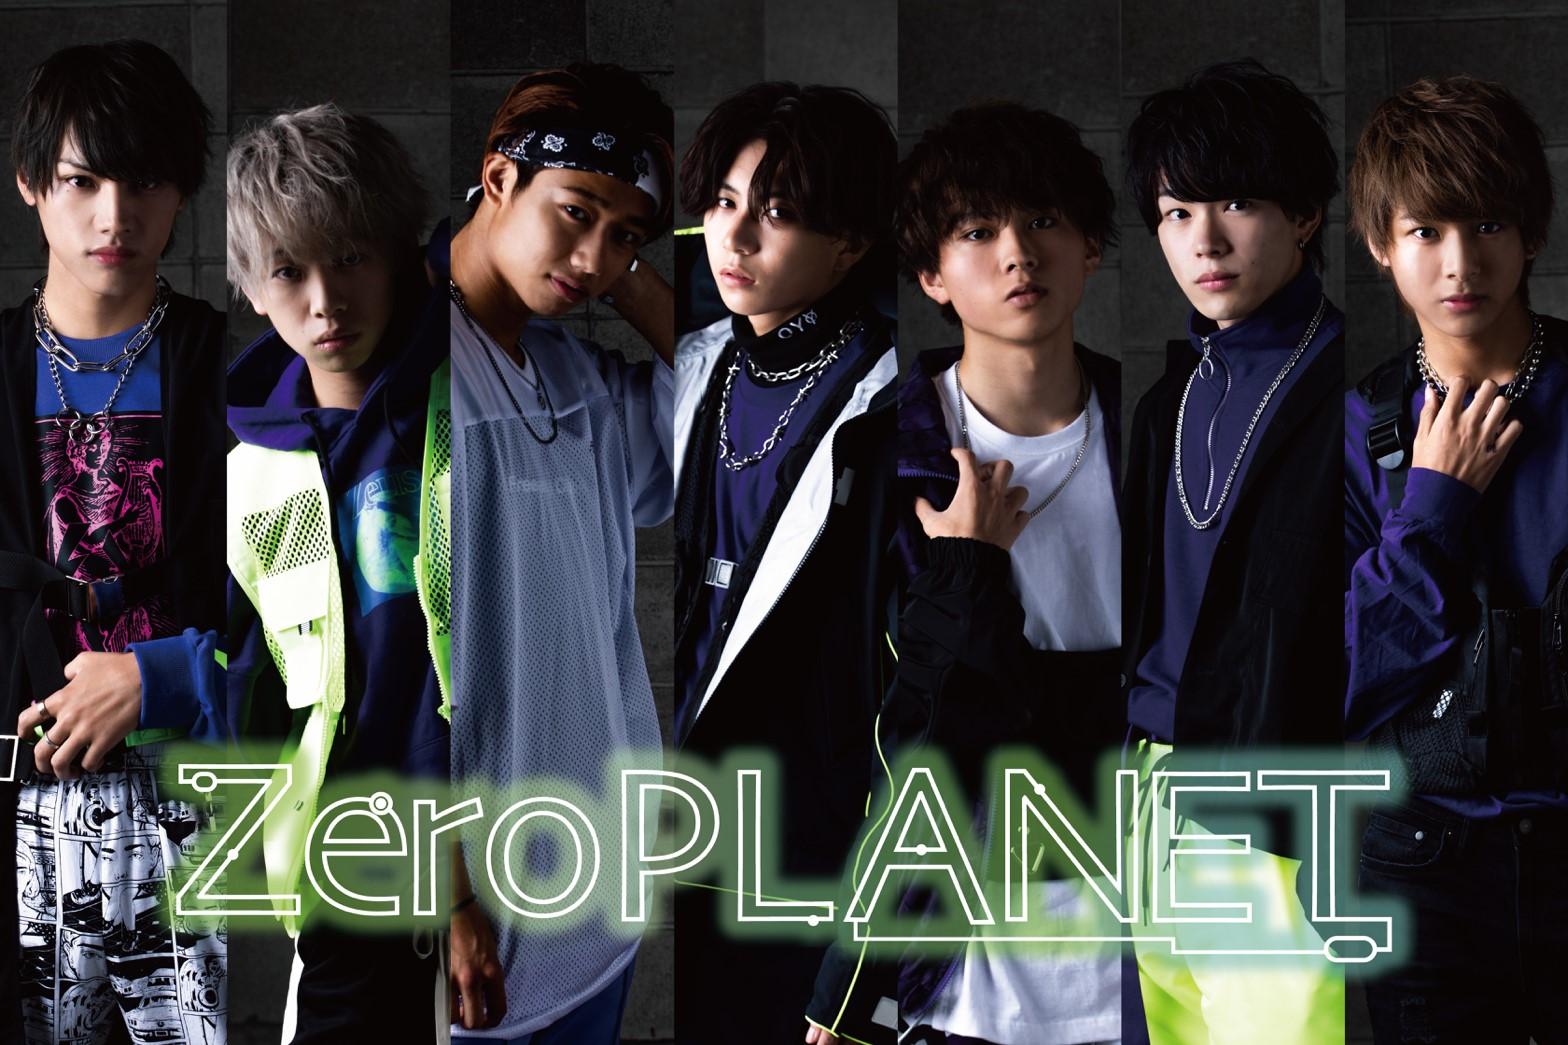 Zero PLANET 定期公演 一般発売チケット